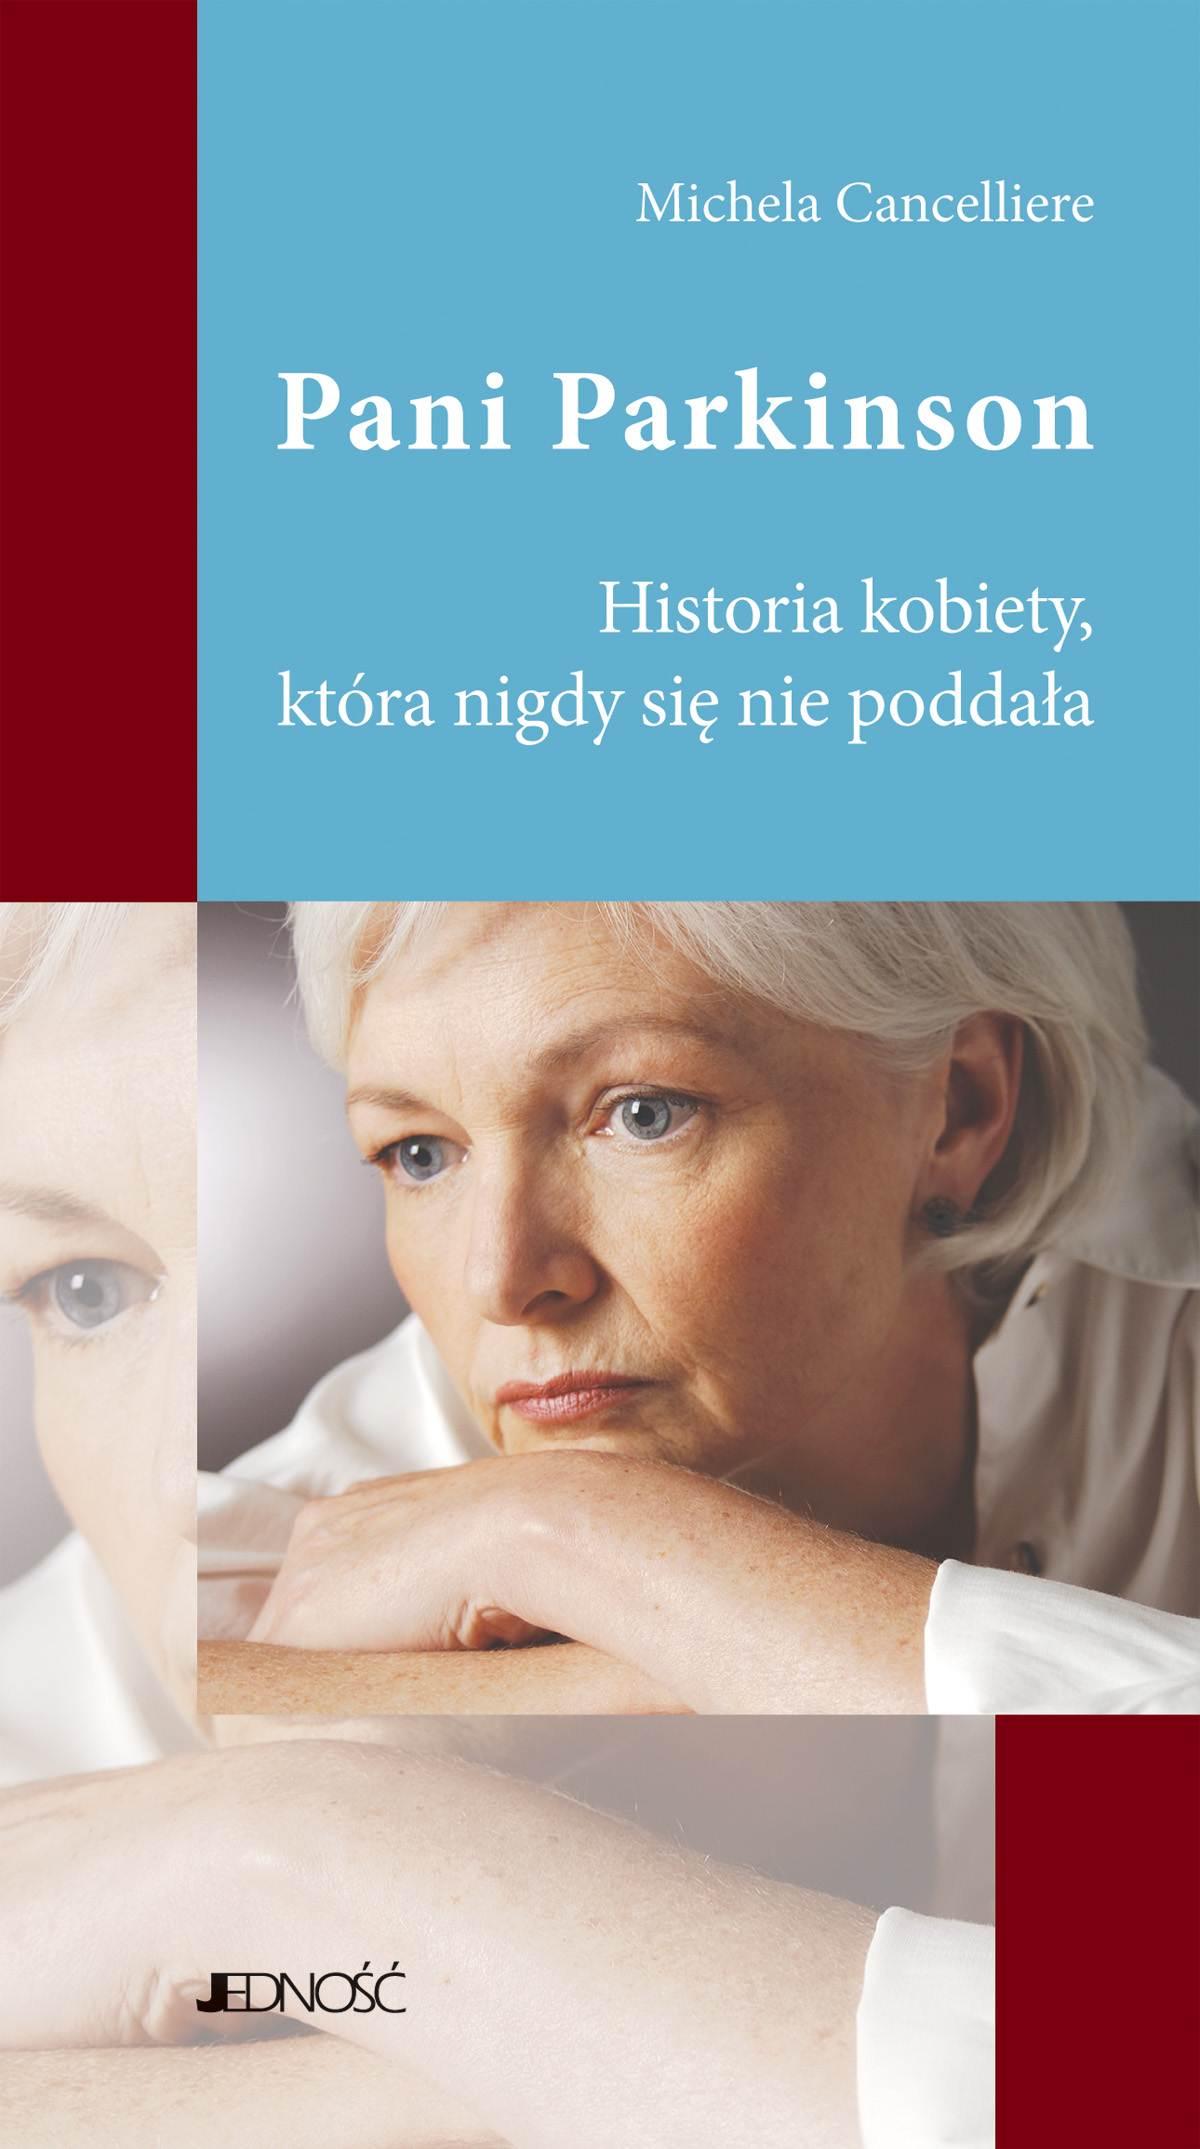 Pani Parkinson. Historia kobiety, która nigdy się nie poddała. - Ebook (Książka EPUB) do pobrania w formacie EPUB